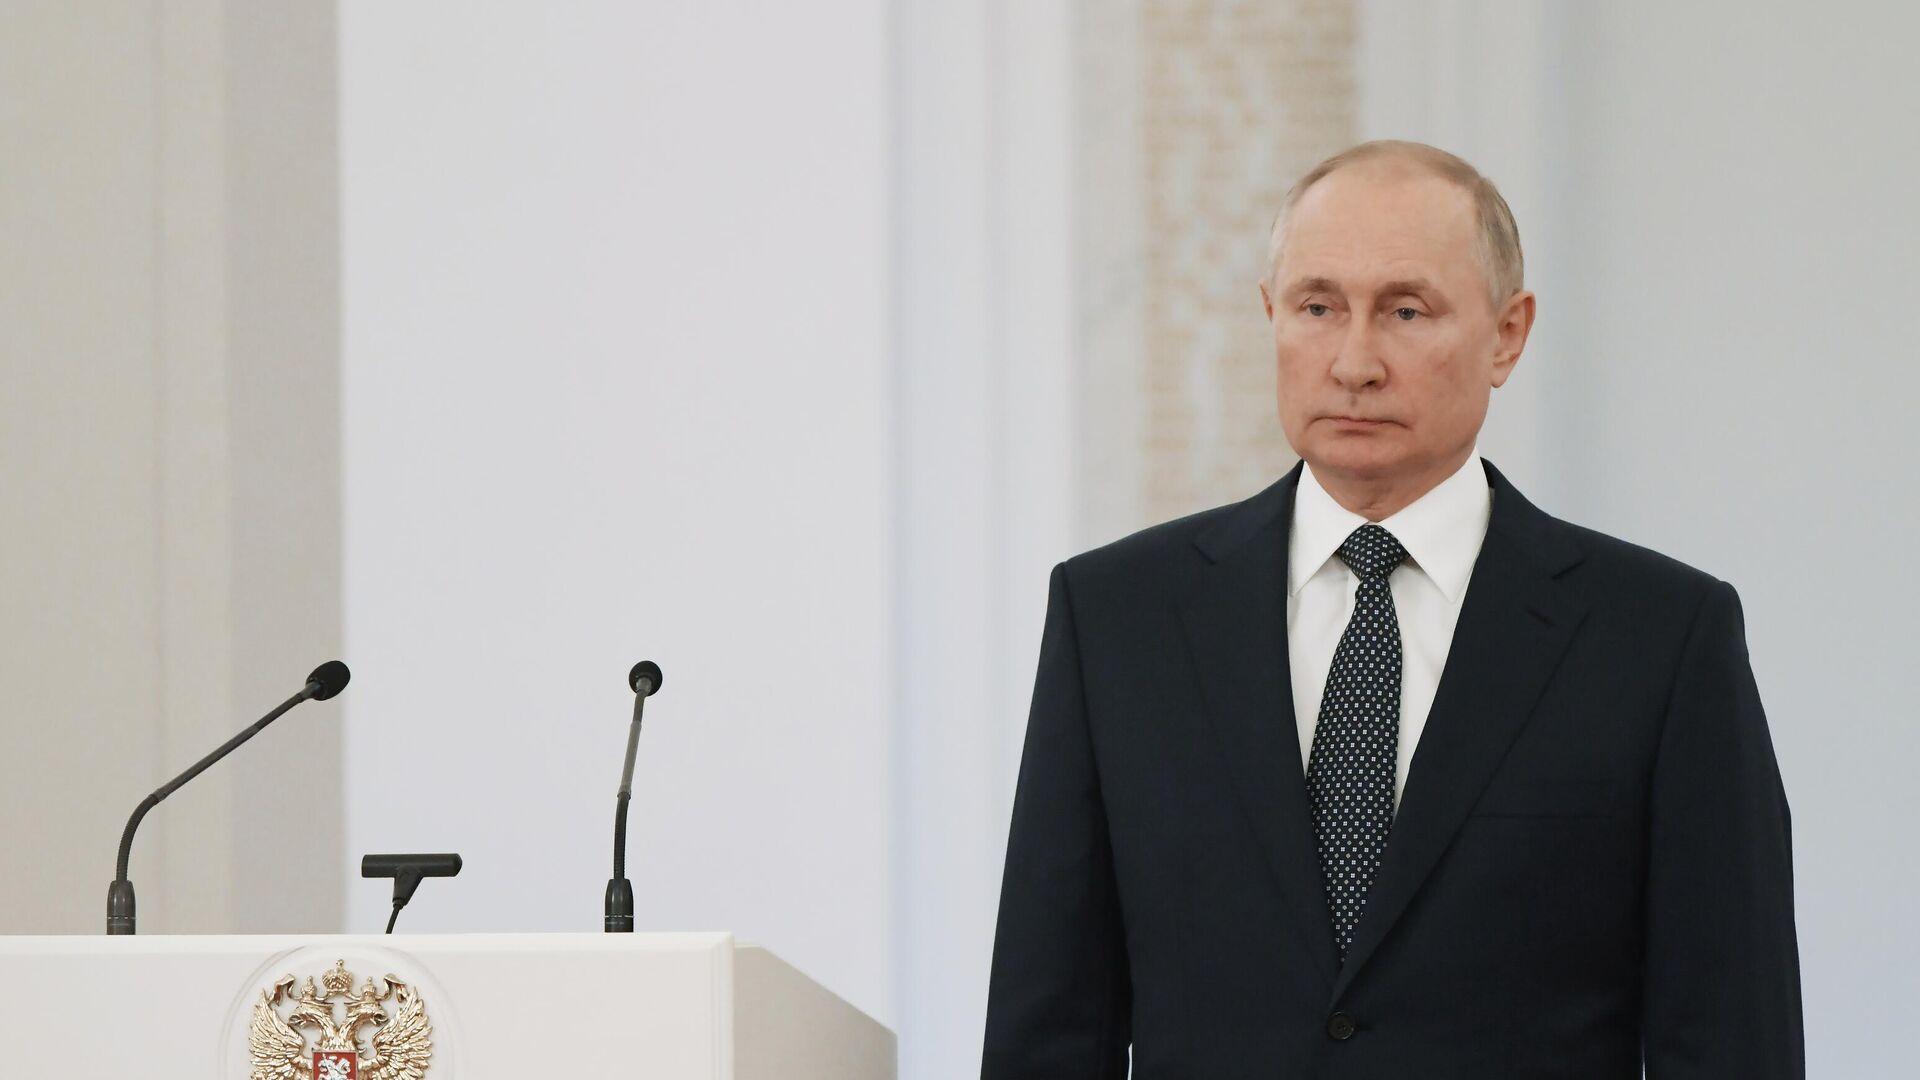 LIVE: Путин проводит встречу с депутатами Госдумы нового созыва - РИА Новости, 1920, 12.10.2021